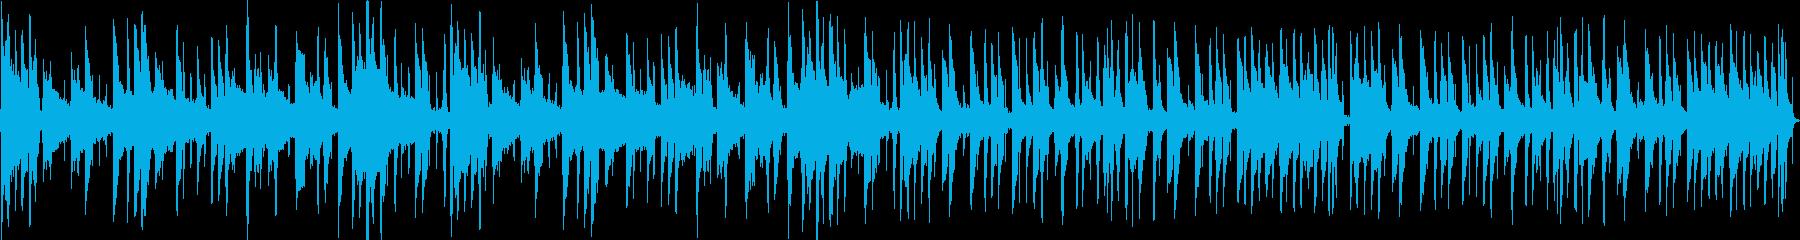 ムーディなR&B系のBGMの再生済みの波形